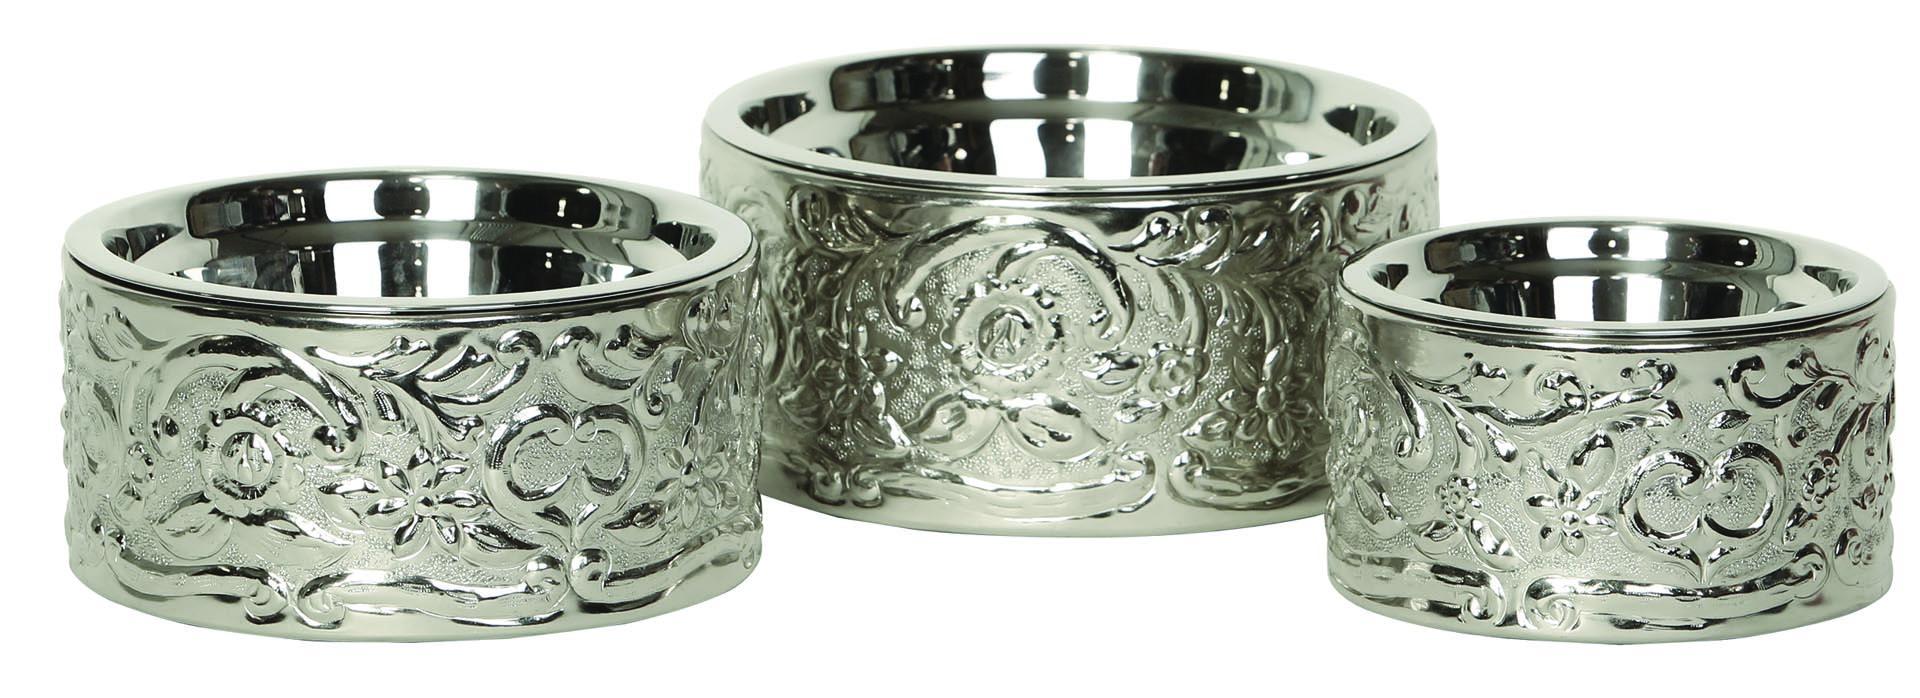 Savannah Collection - Dog Bowls